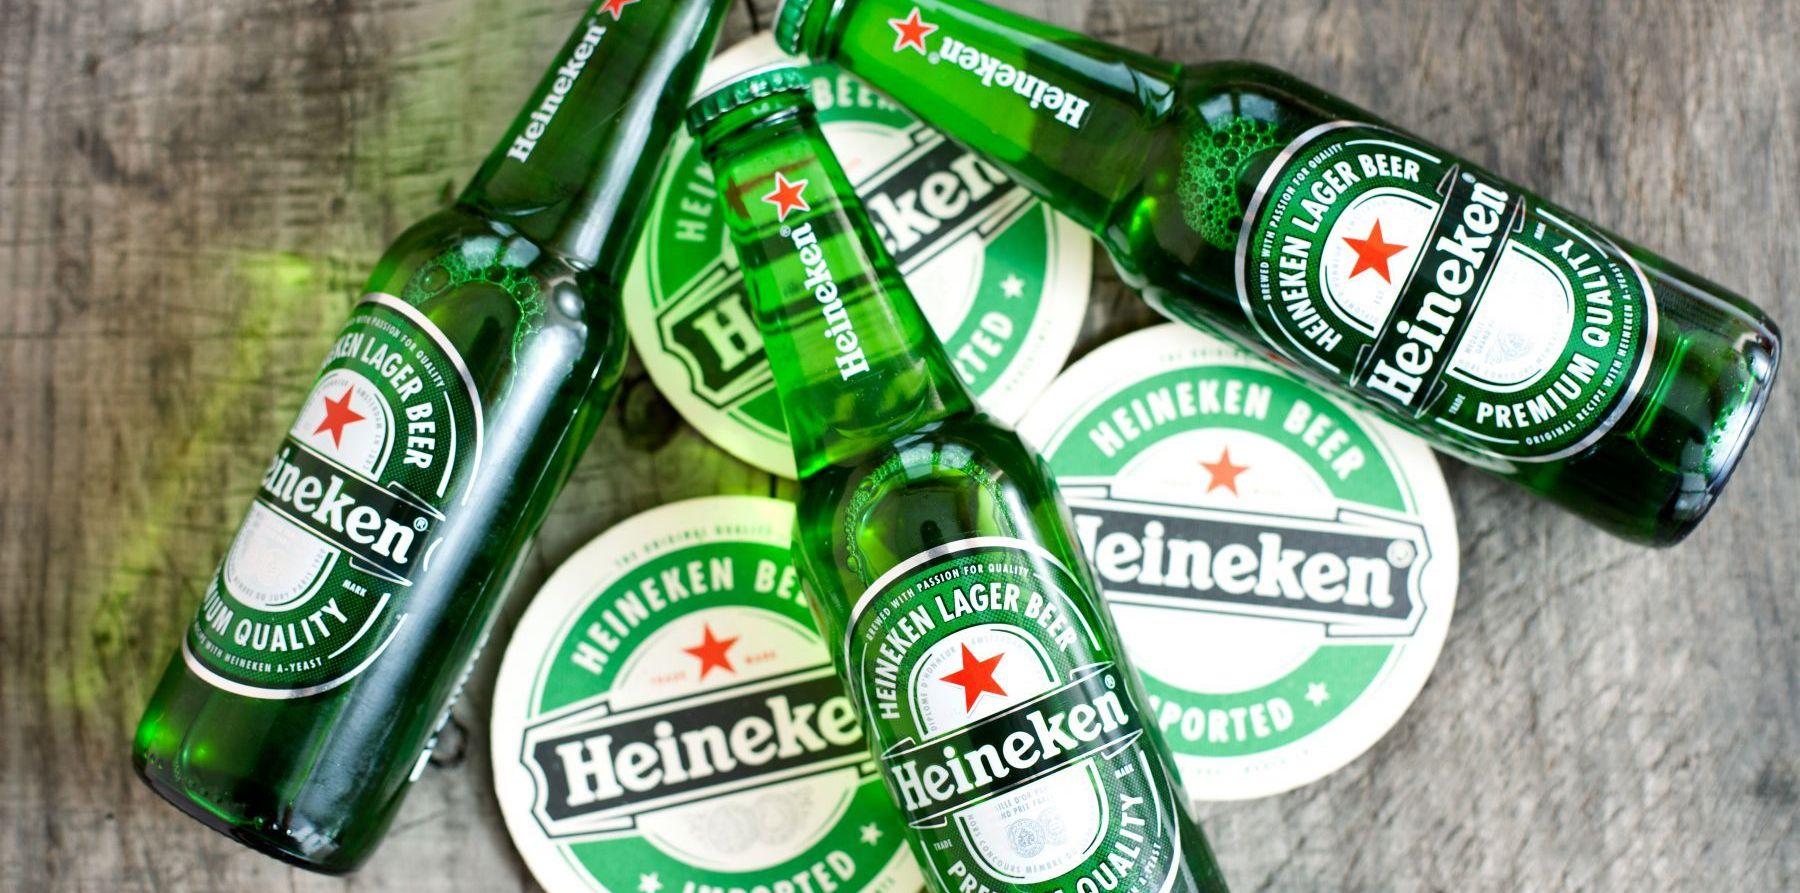 和海尼根一起學創意行銷:3個秘訣,翻轉品牌形象